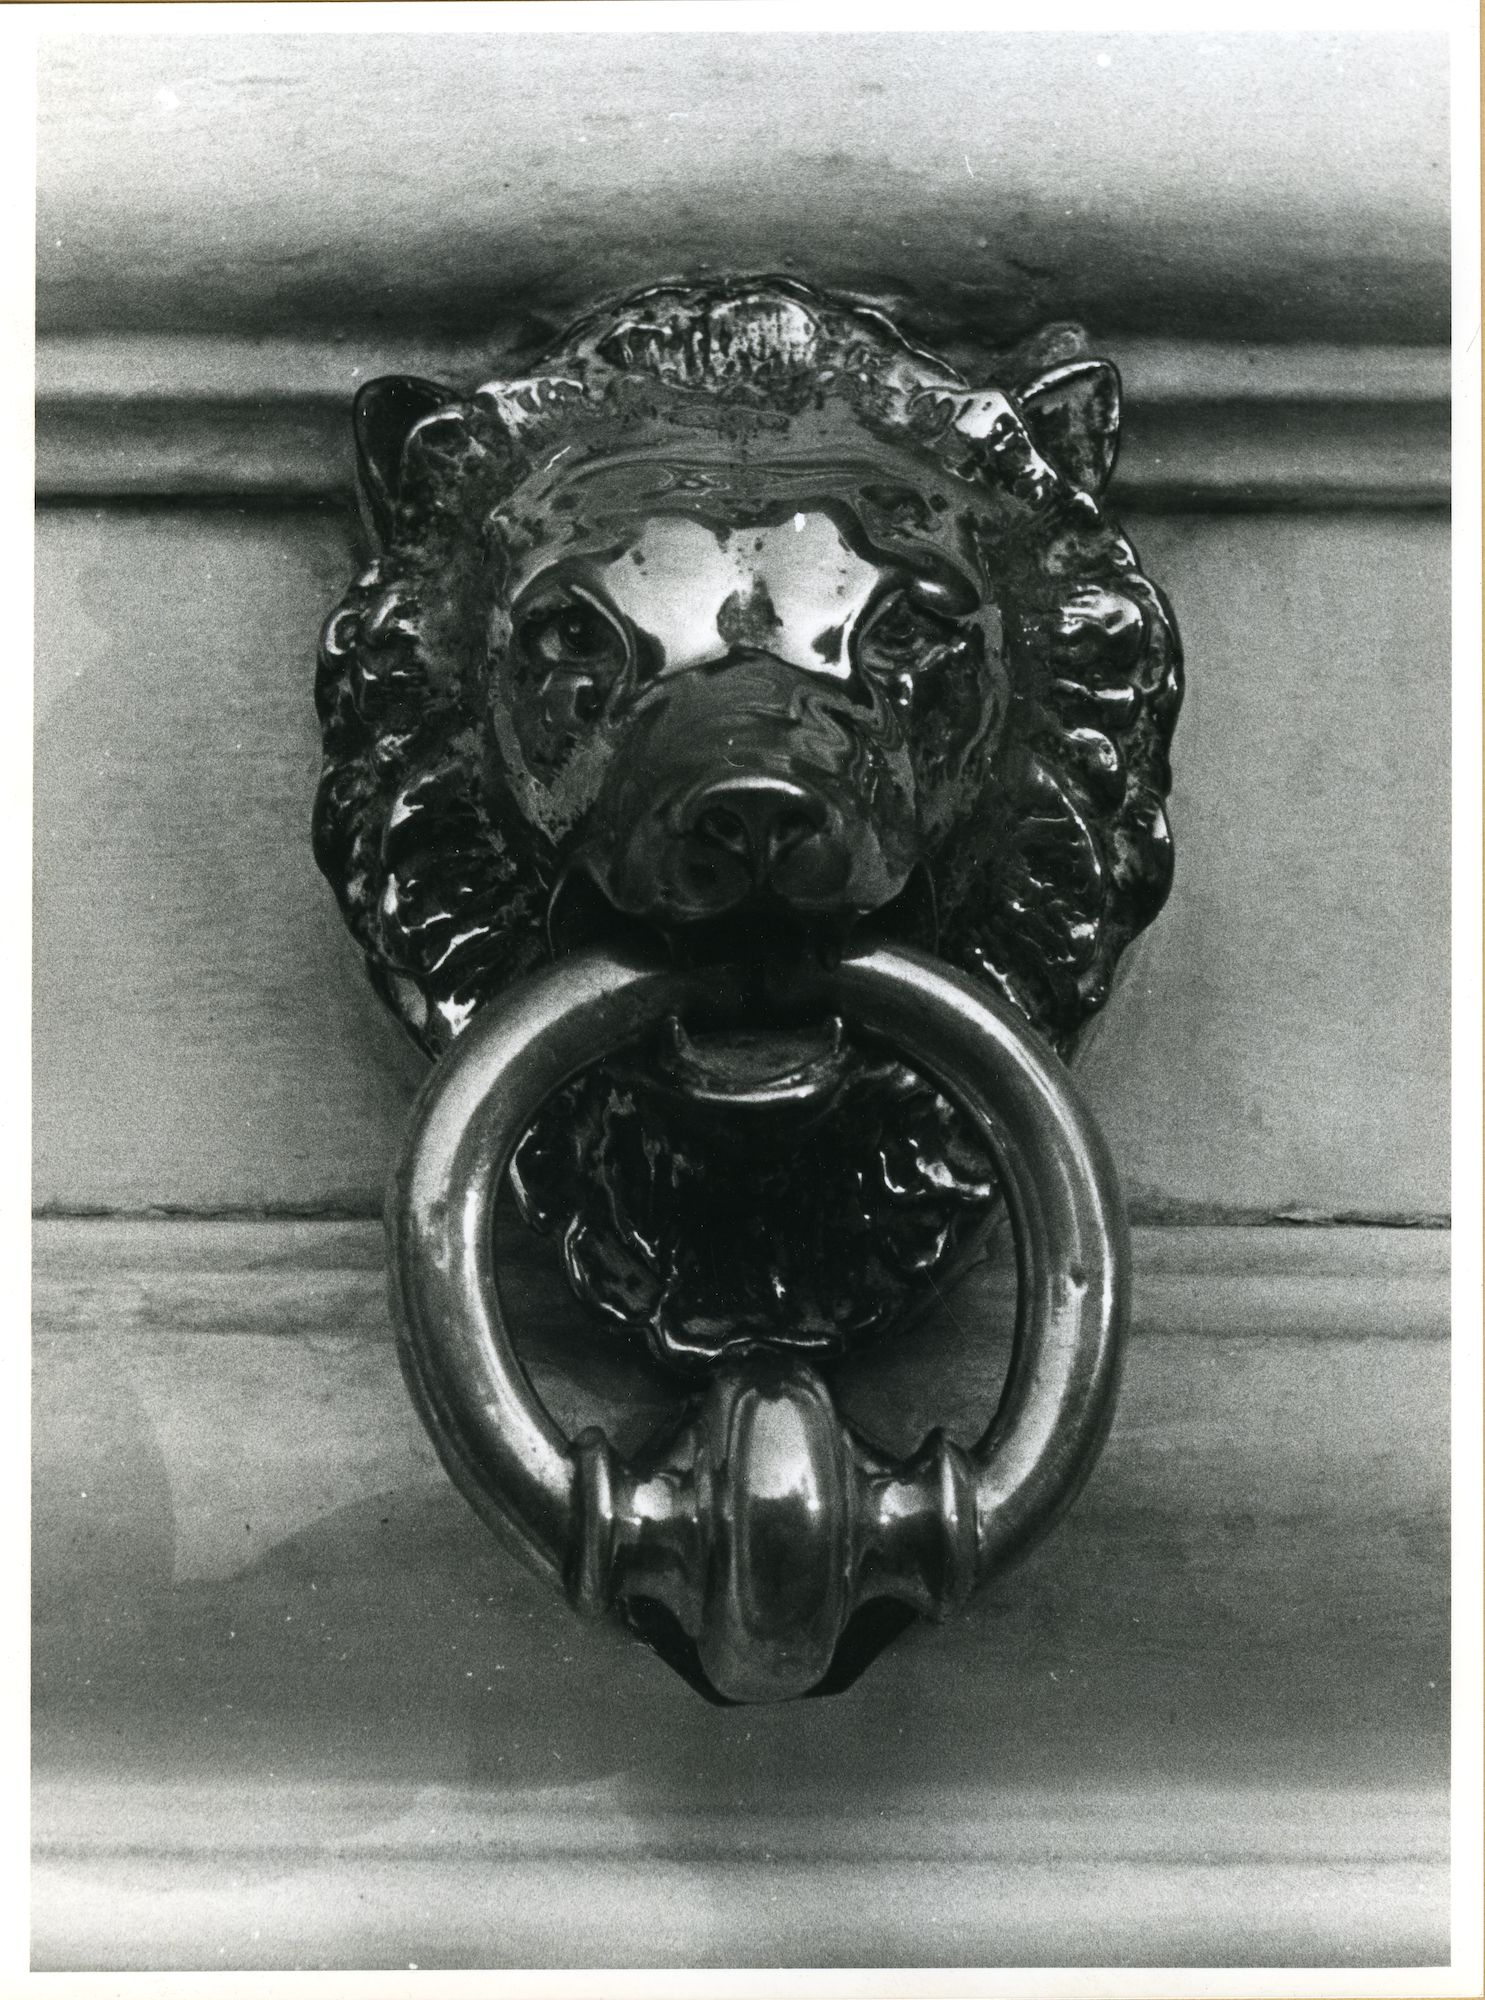 Gent: Muinkkaai 55: deurklopper